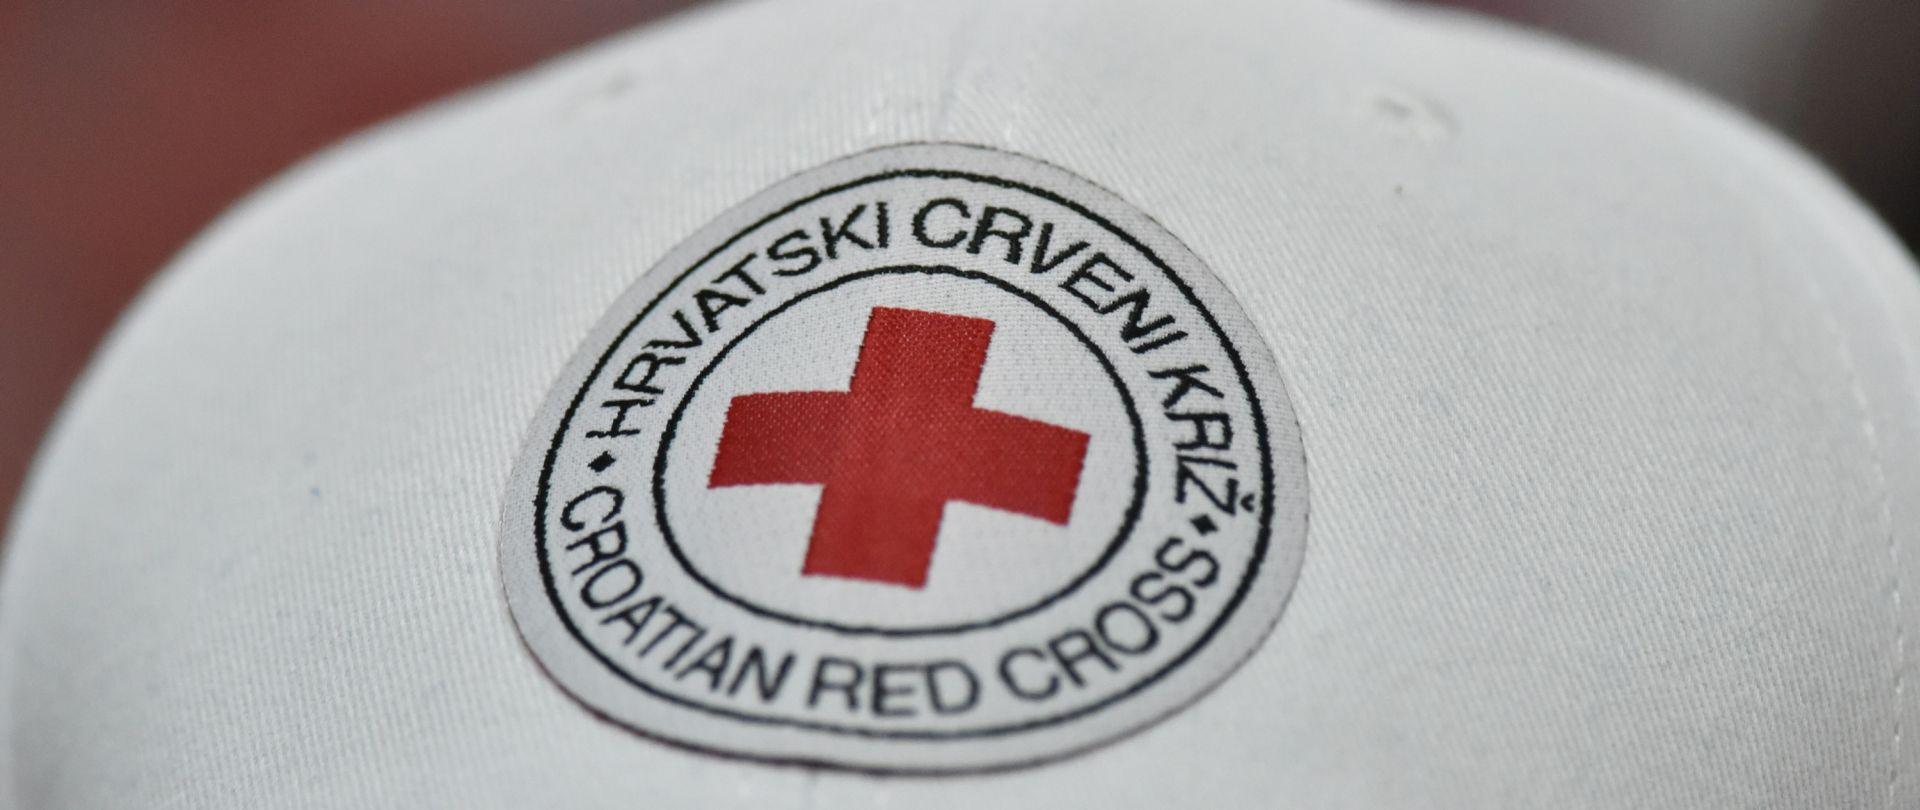 Crveni križ poziva građane da doniraju, a potrebite da dođu po toplu odjeću i obuću